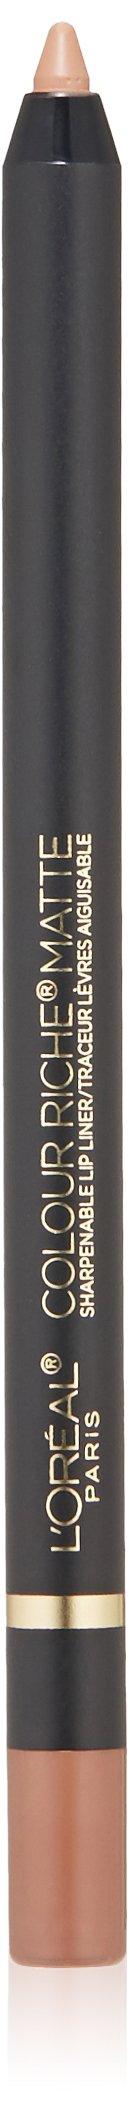 L'Oréal Paris Colour Riche Matte Lip Liner, Matte-Ing Call, 0.04 oz.